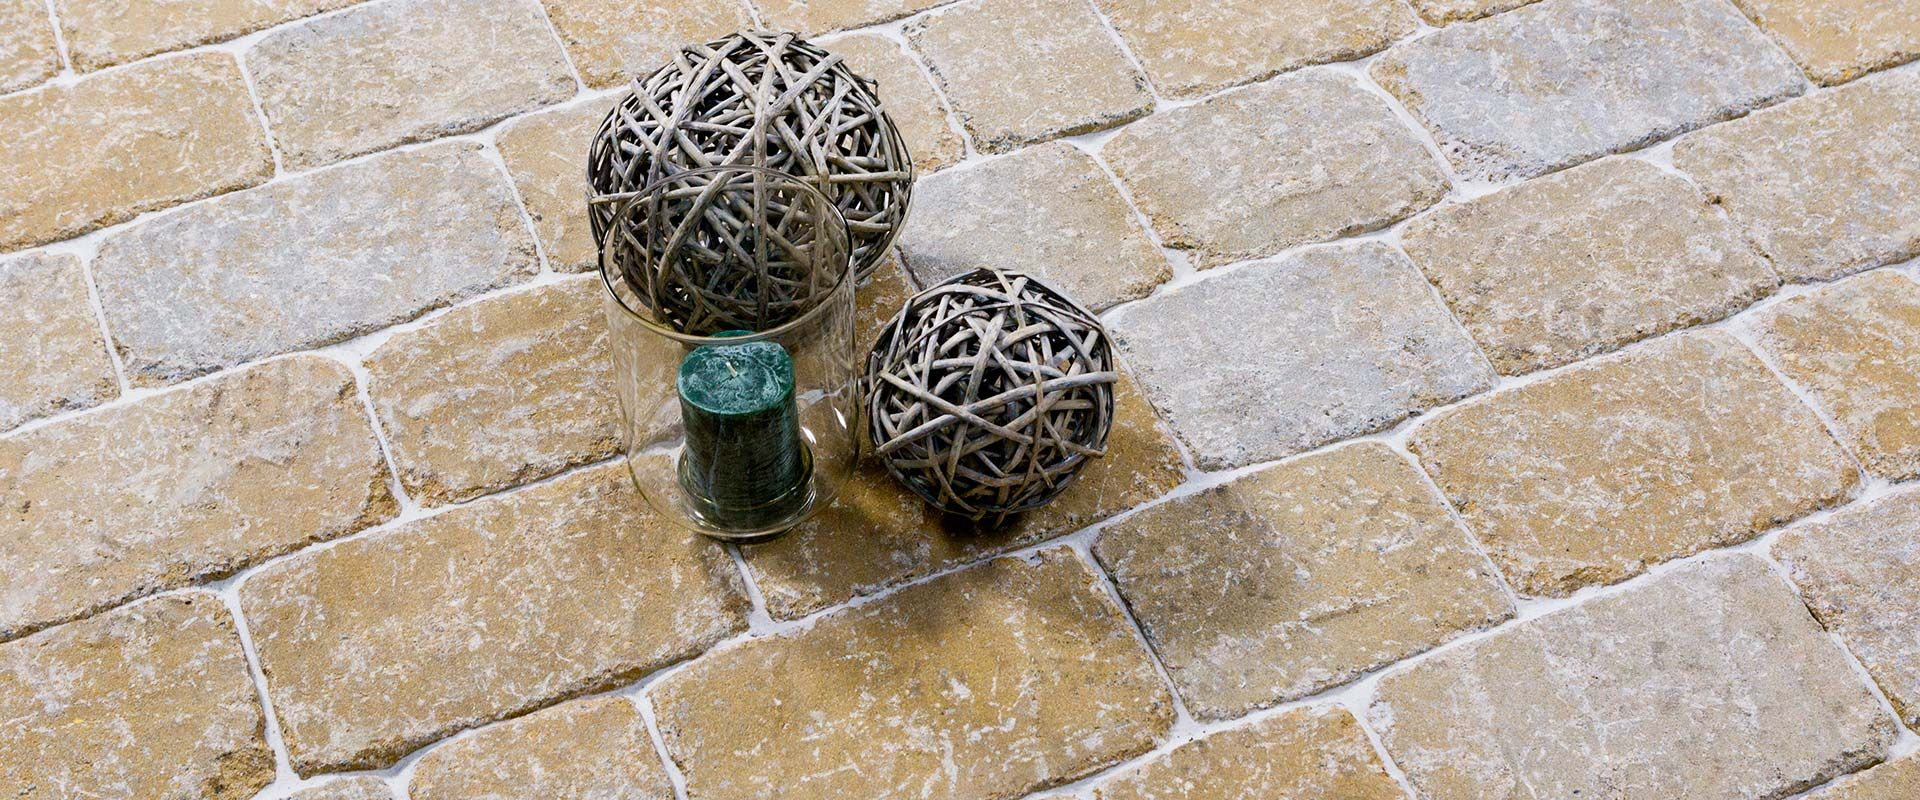 wundersch ne pflastersteine natursteine pinterest pflastersteine wundersch n und pflaster. Black Bedroom Furniture Sets. Home Design Ideas